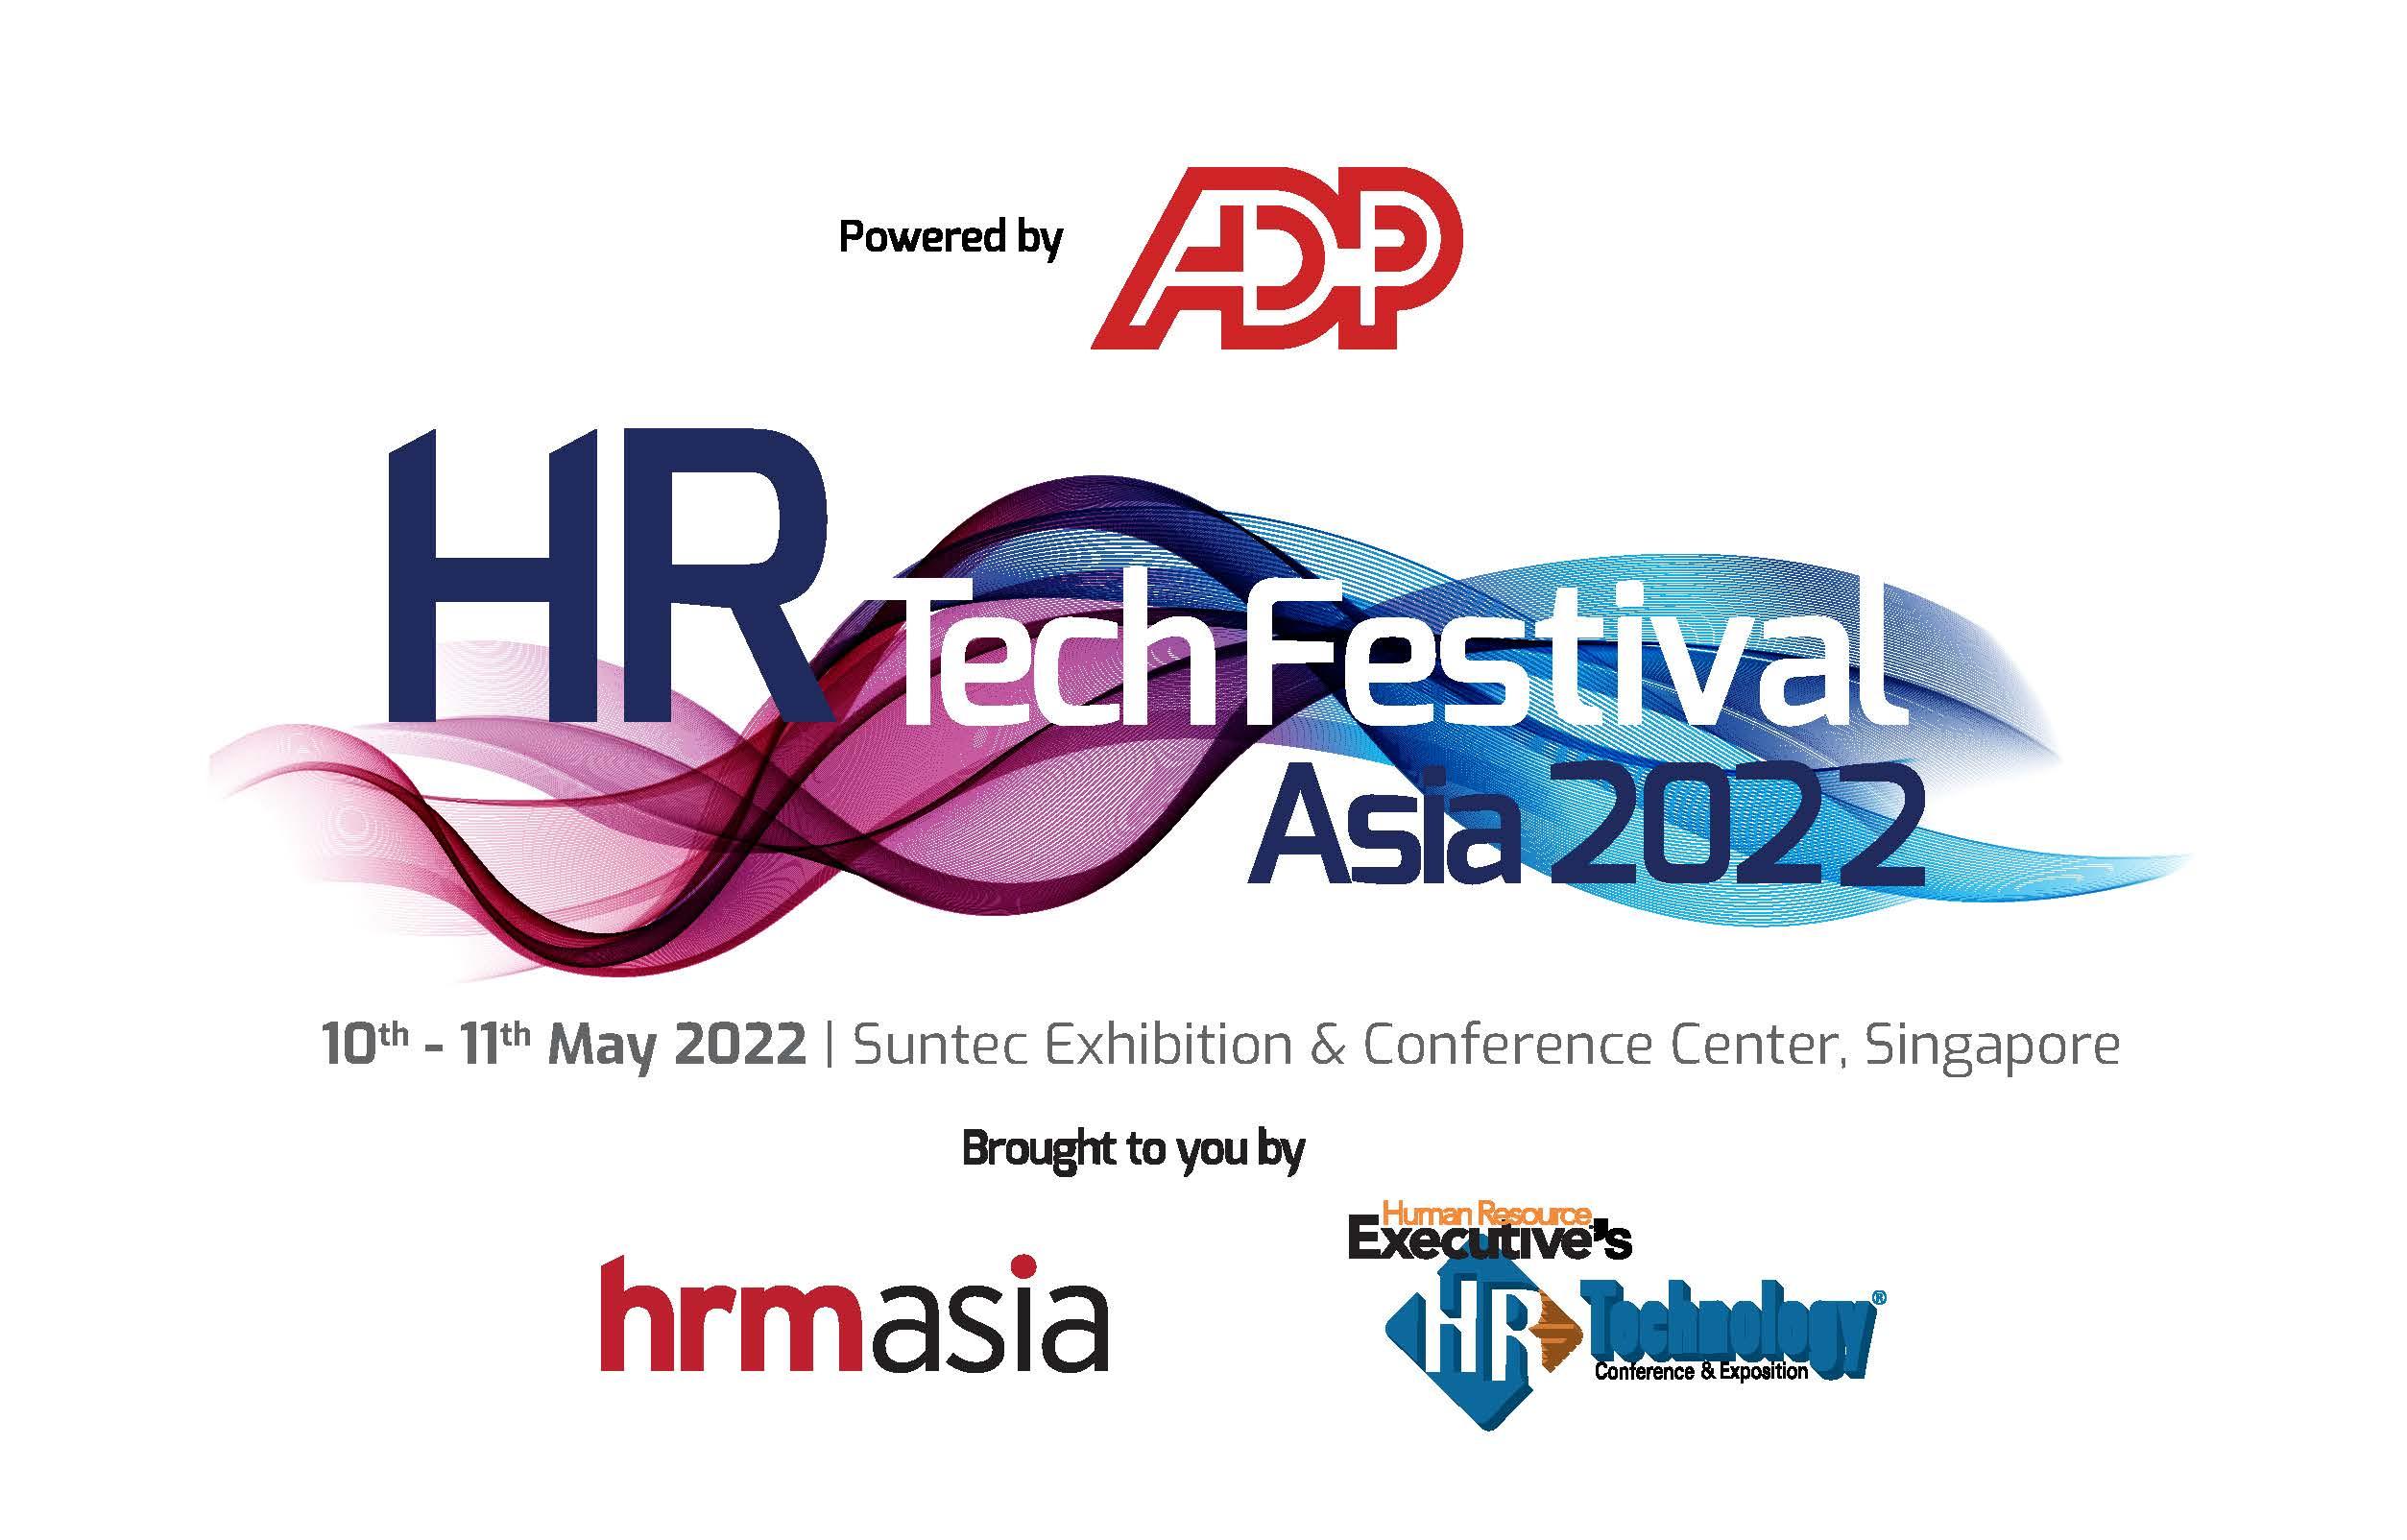 hr-techfest-connect-2021-logo-w-hrm-hrtech-va2-logo-full-color-rgb adp copy